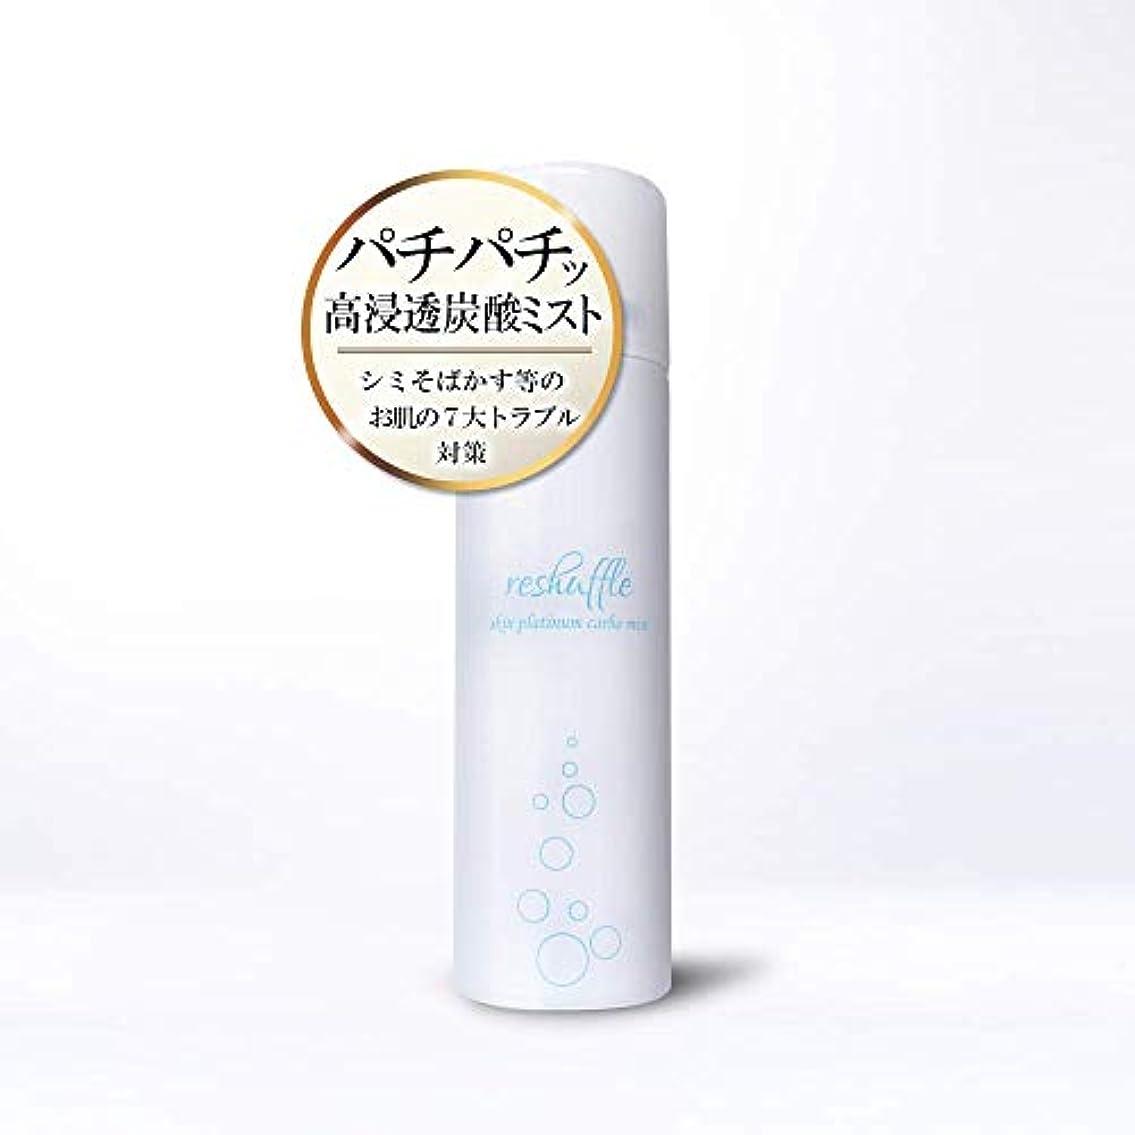 包囲不定ハントニキビ 角質ケア シミ そばかす 対策 炭酸化粧水 リシャッフル/炭酸スプレー美容液 (高濃度 グリチルリチン酸 2K 配合) オールインワンミスト